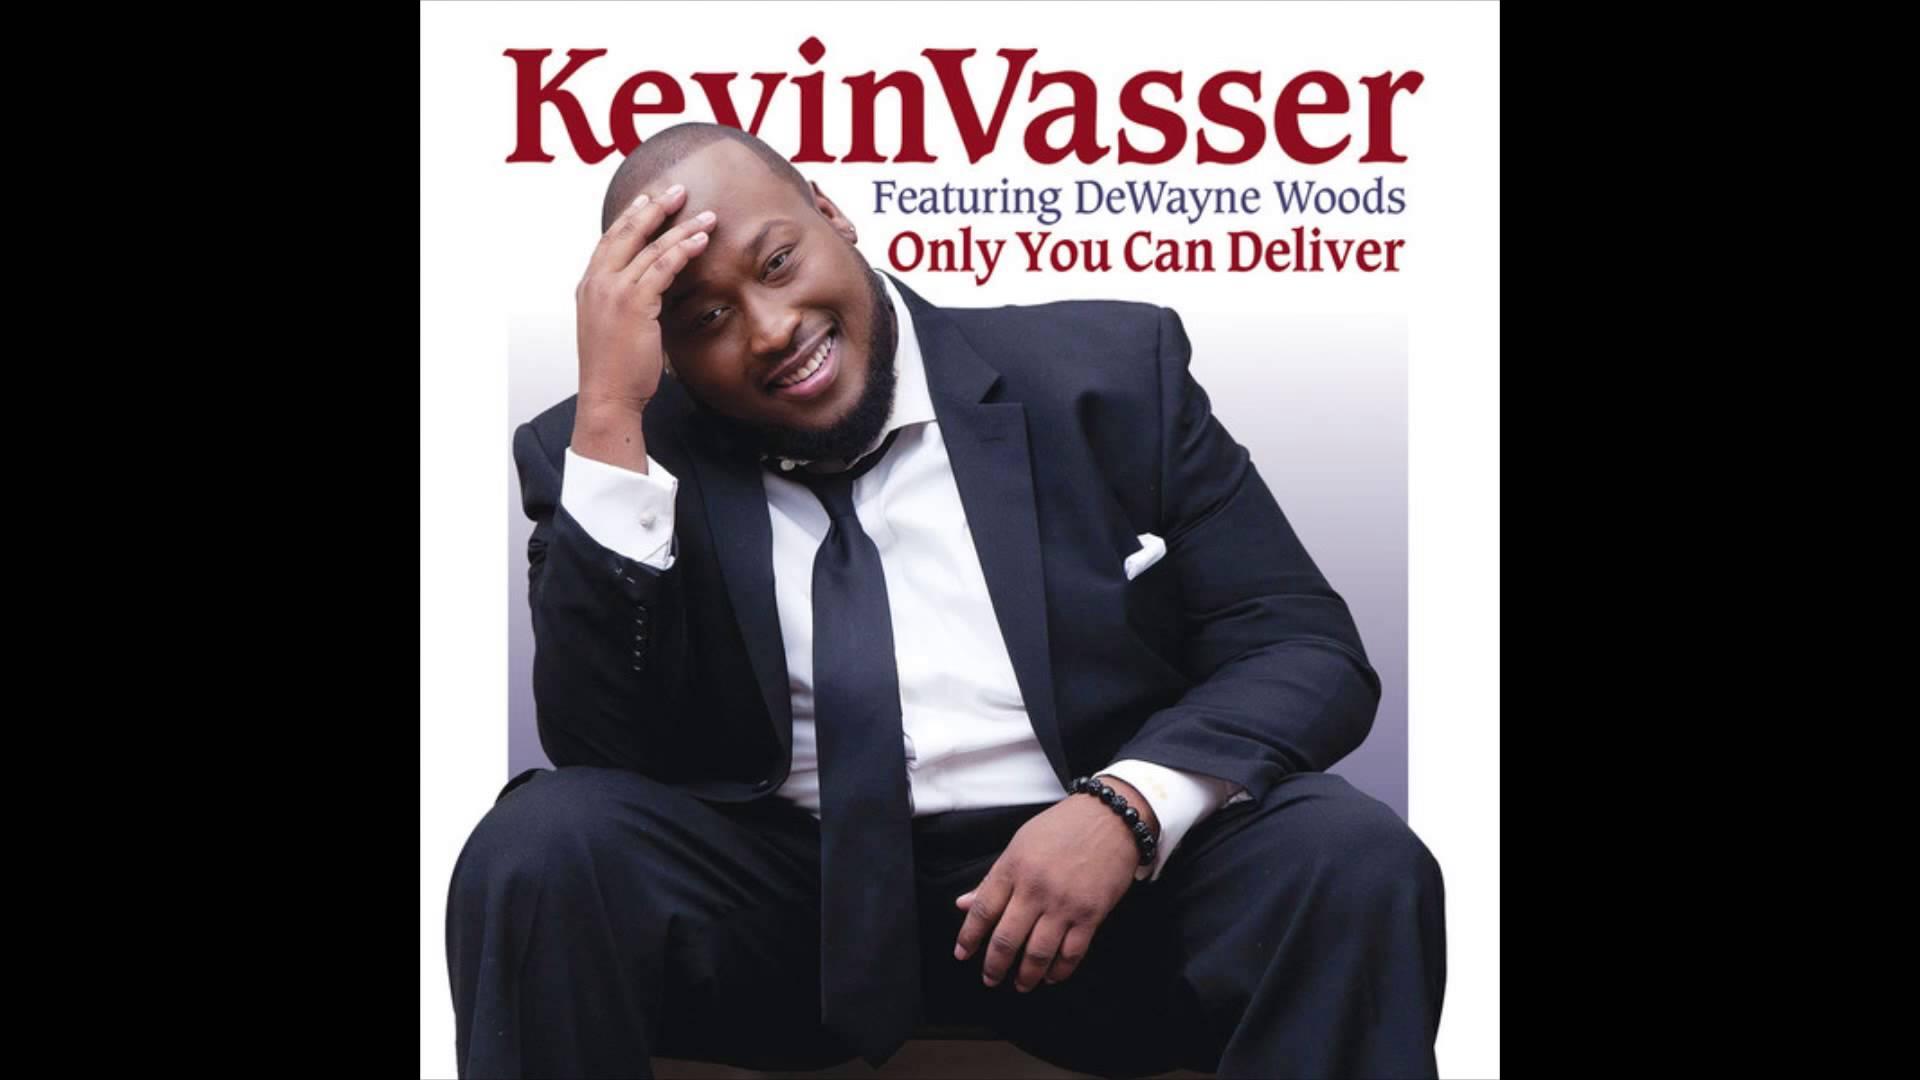 Kevin Vasser featuring DeWayne Woods – Only You Can Deliver